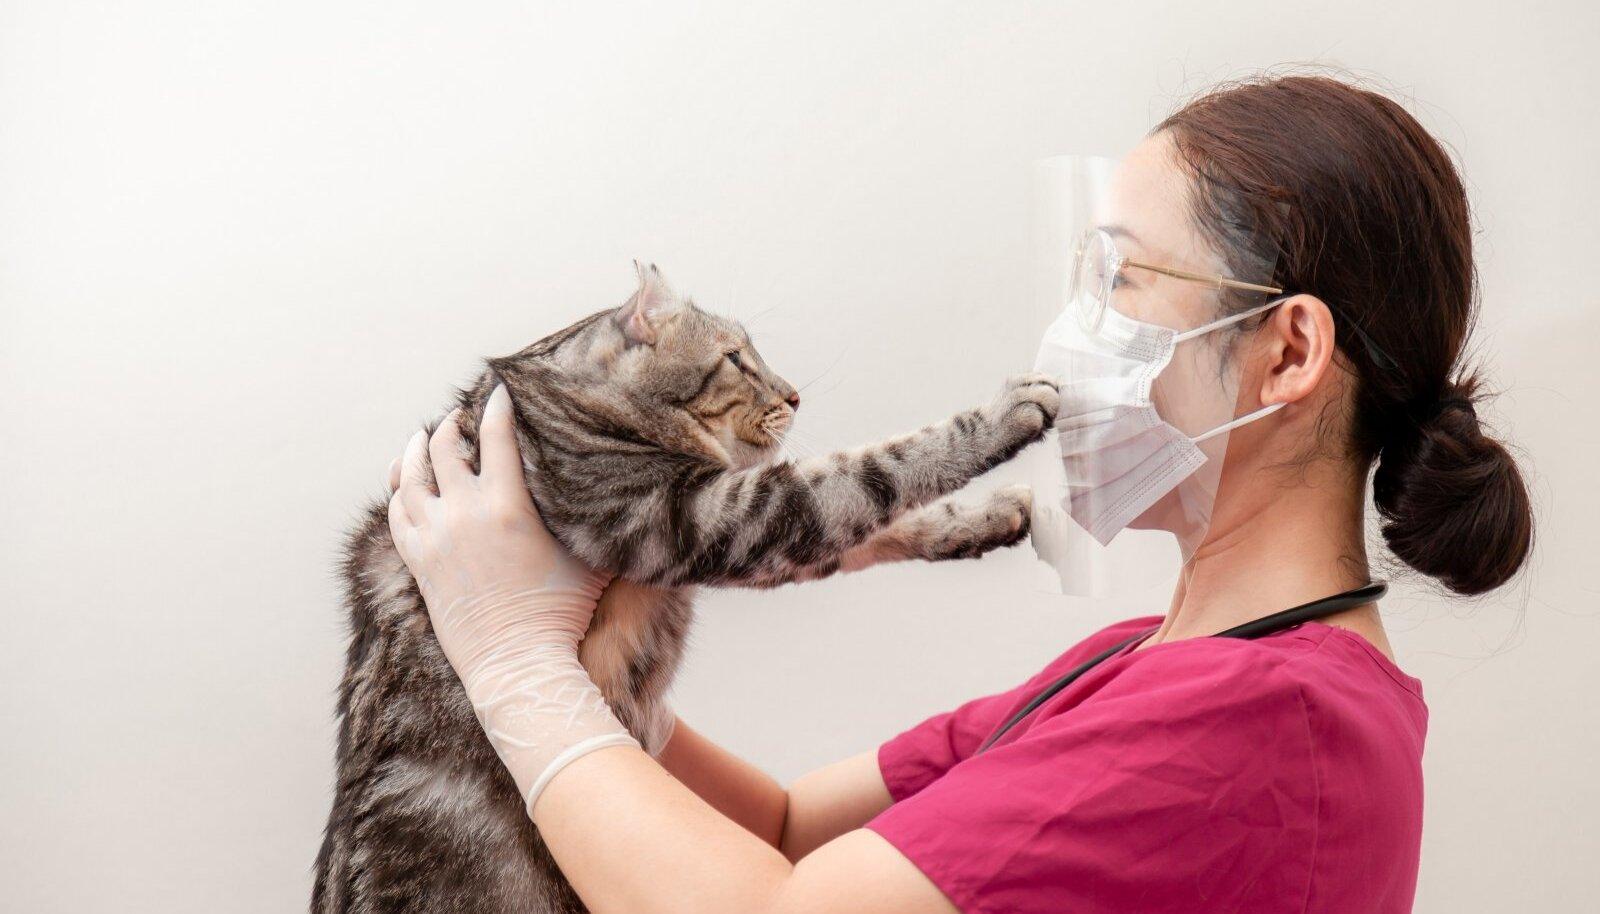 HOIDU MUSIST: Pole teada, kas kassidelt-koertelt Sars-Cov-2 tagasi inimestele levib, aga teadlased soovitavad lemmikuid mitte musitada.